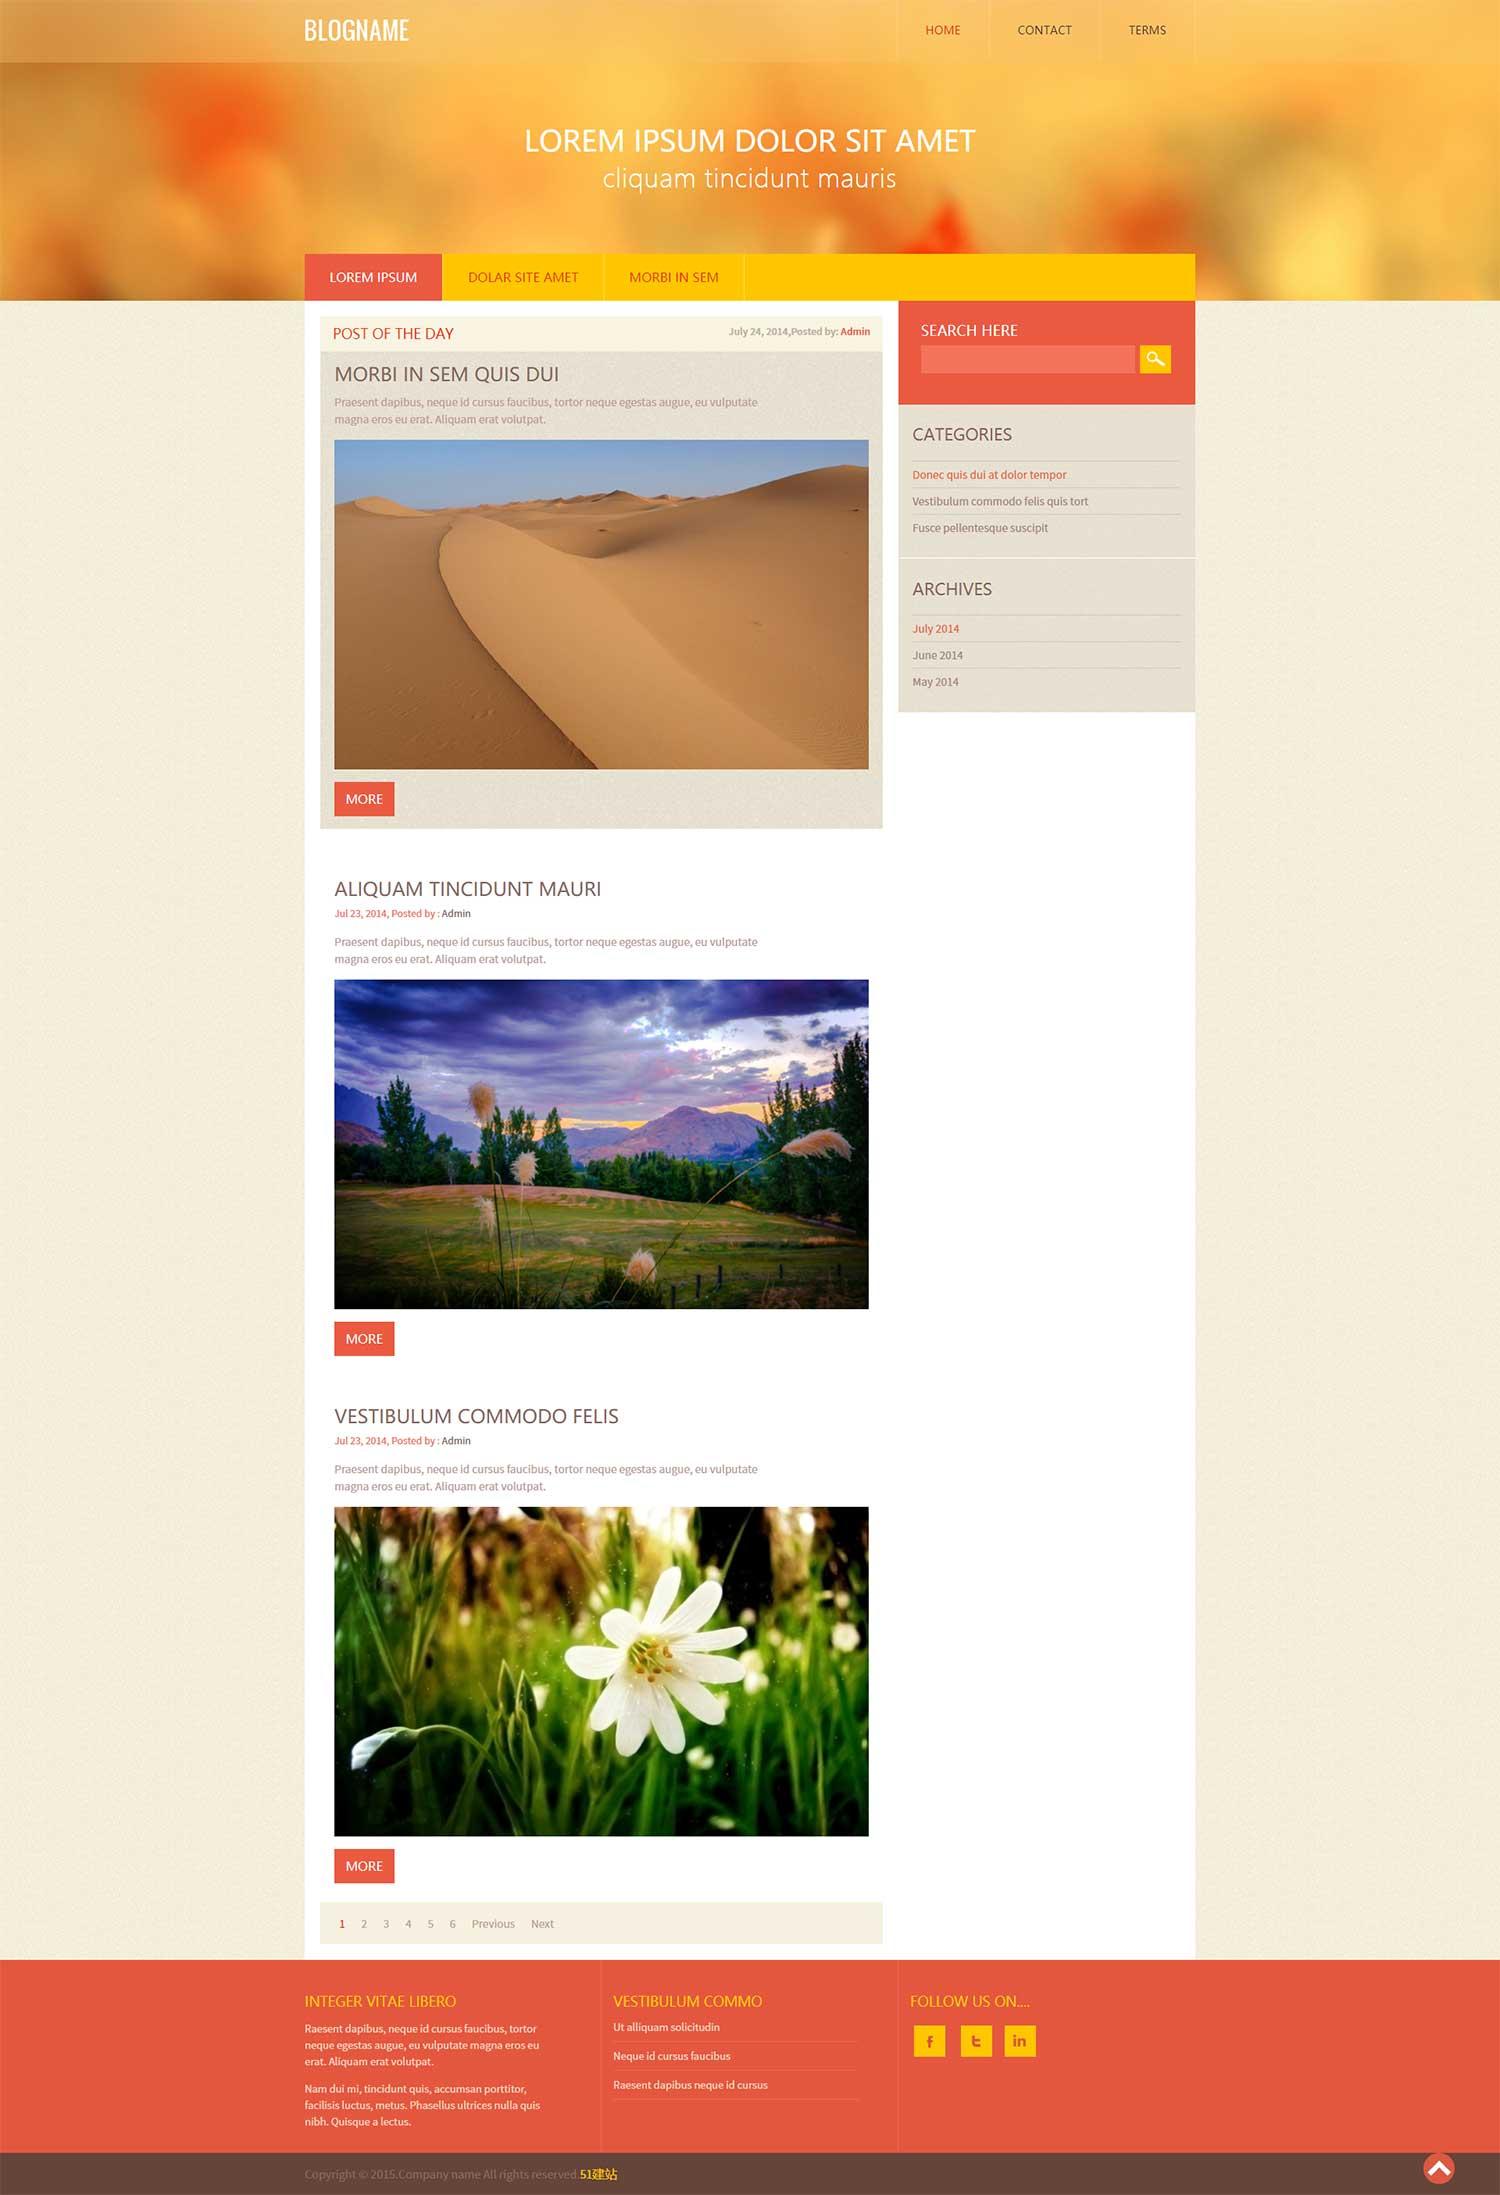 大气扁平博客网页模板是一款橙色风格的HTML个人博客模板